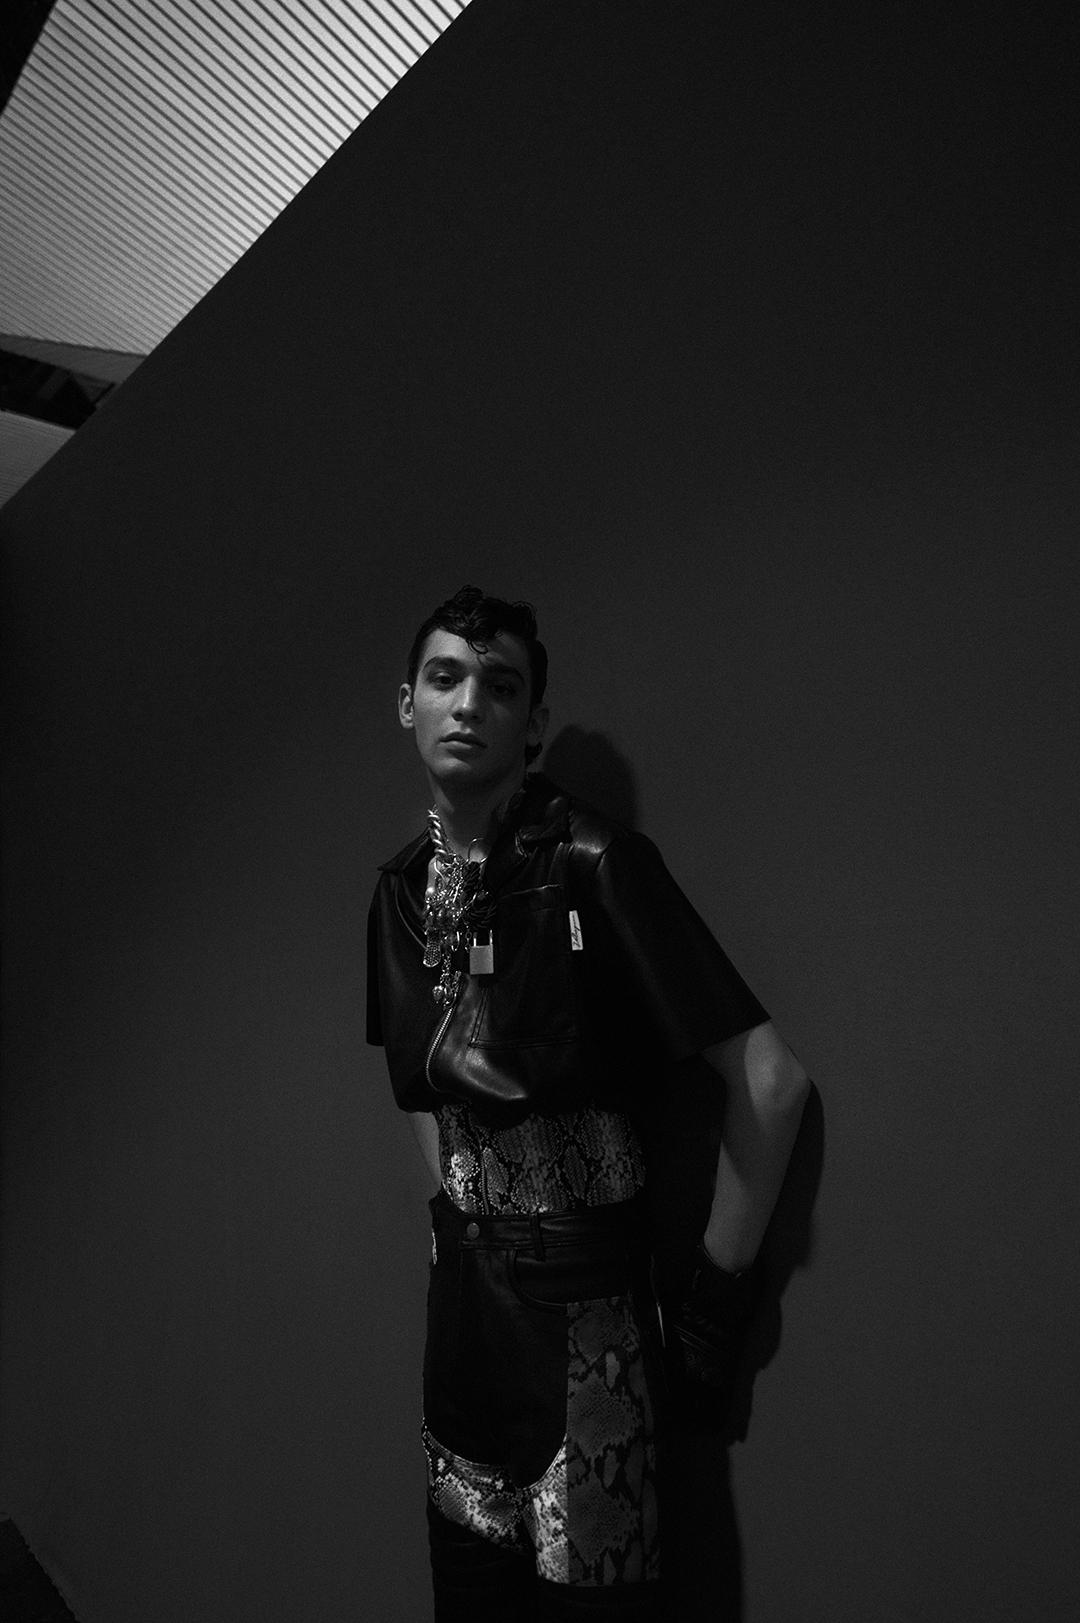 Juan en el Backstage de Velásquez. Foto por Patricia Blas.